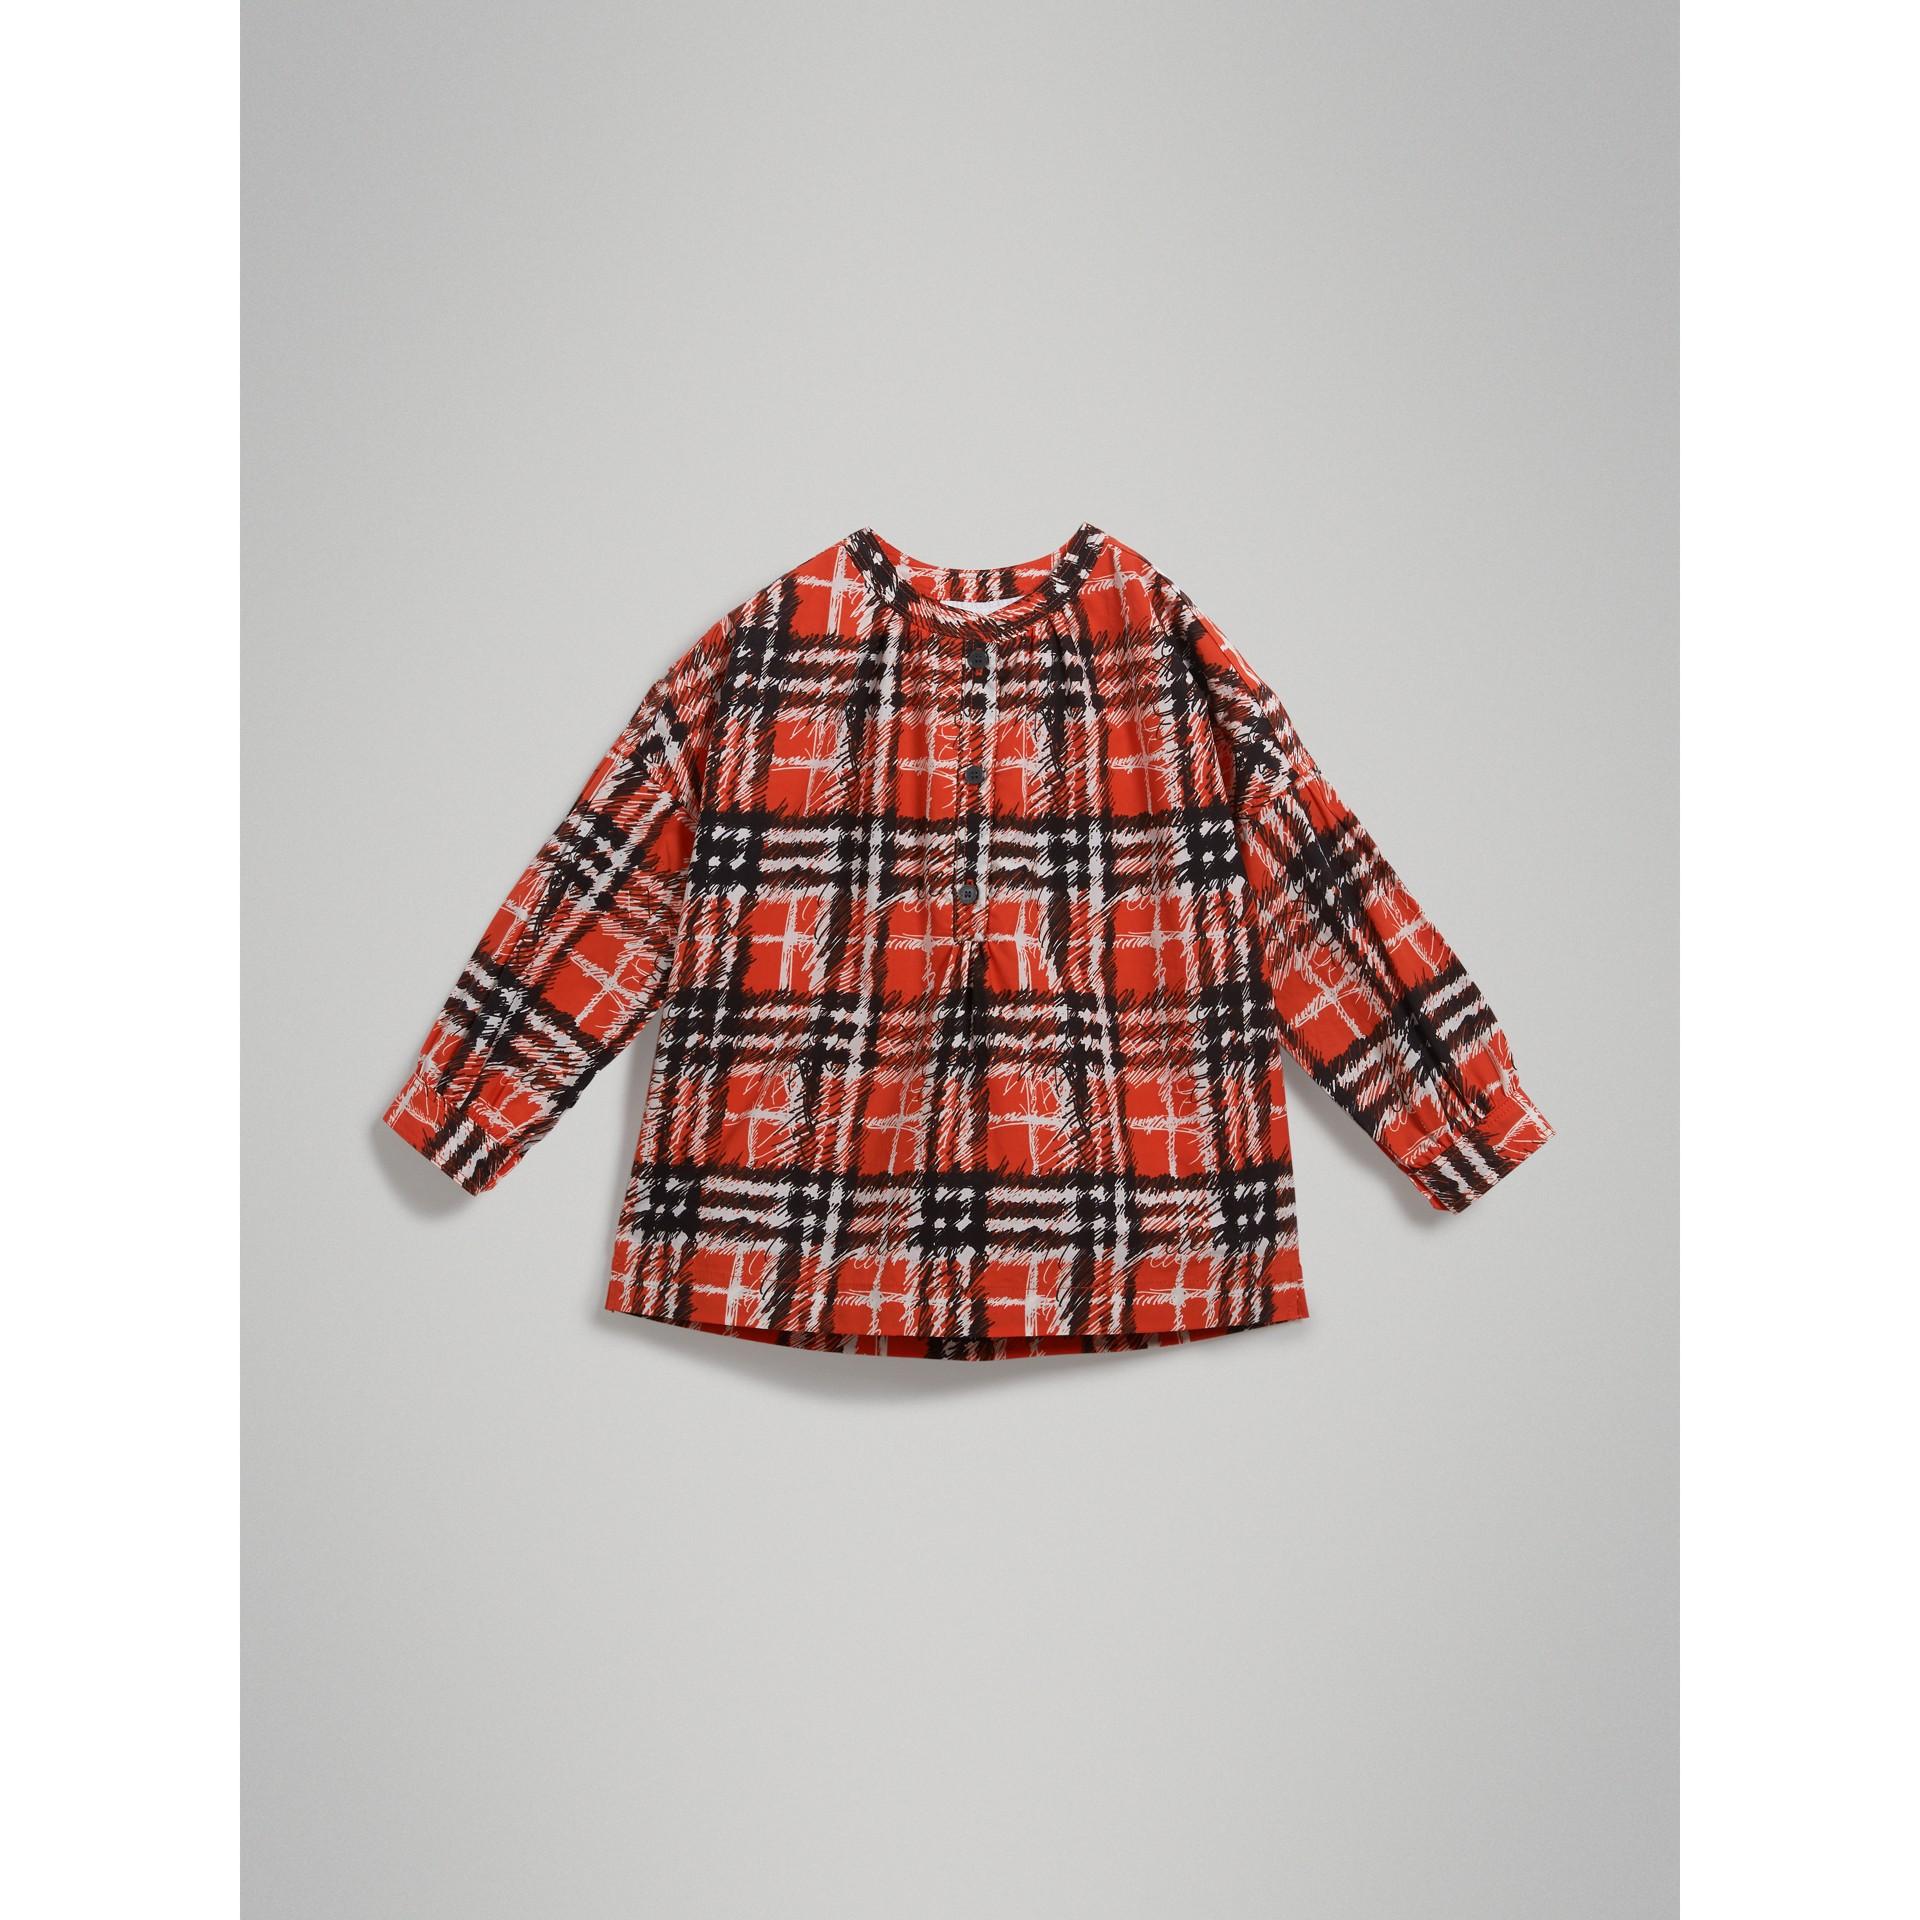 スクリブルチェックプリント コットン チュニックシャツ (ブライトレッド) - ガール | バーバリー - ギャラリーイメージ 2